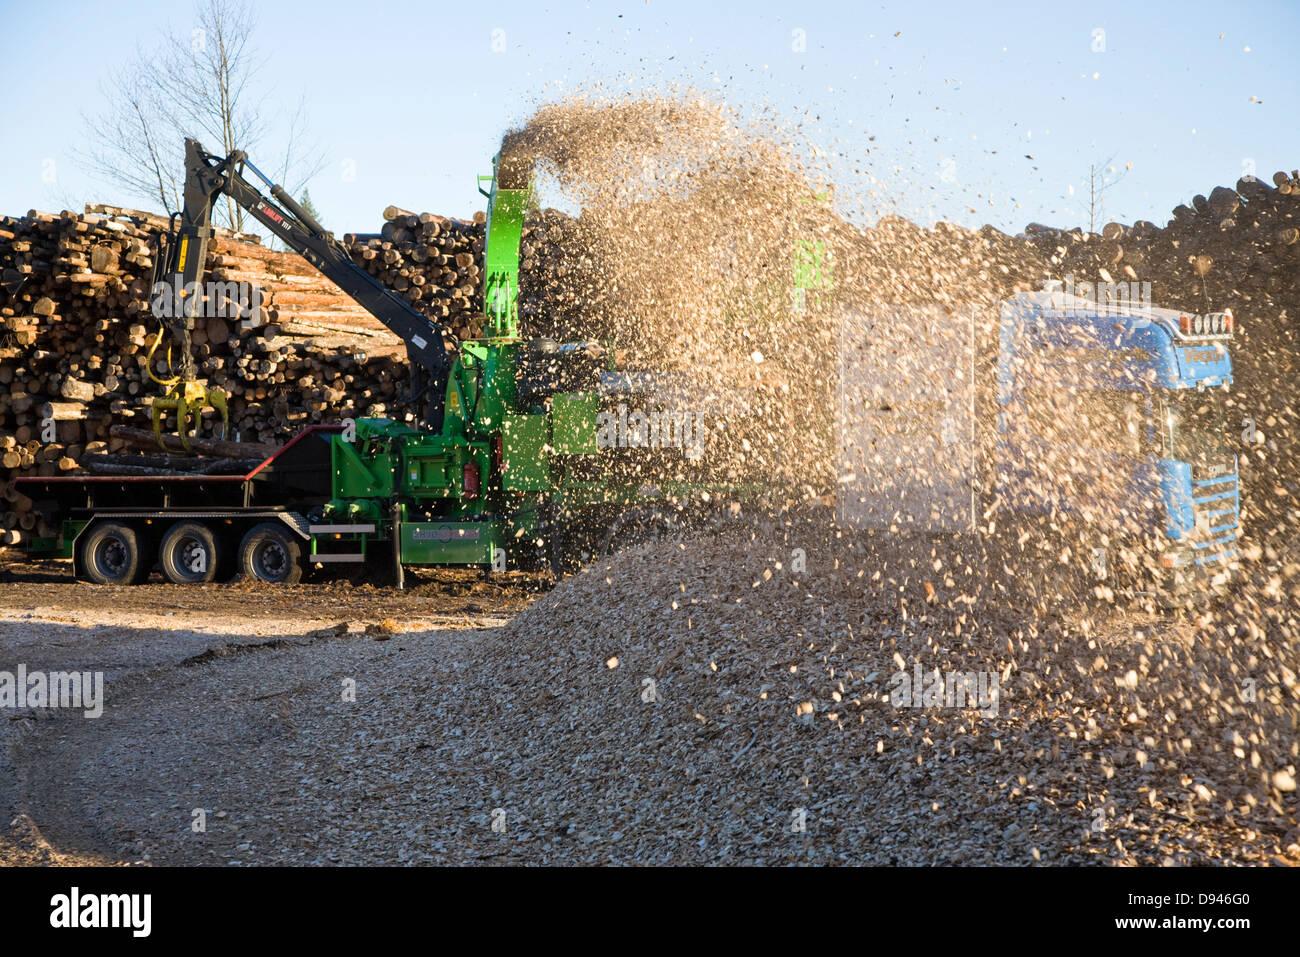 La producción de chips de madera, Suecia. Imagen De Stock